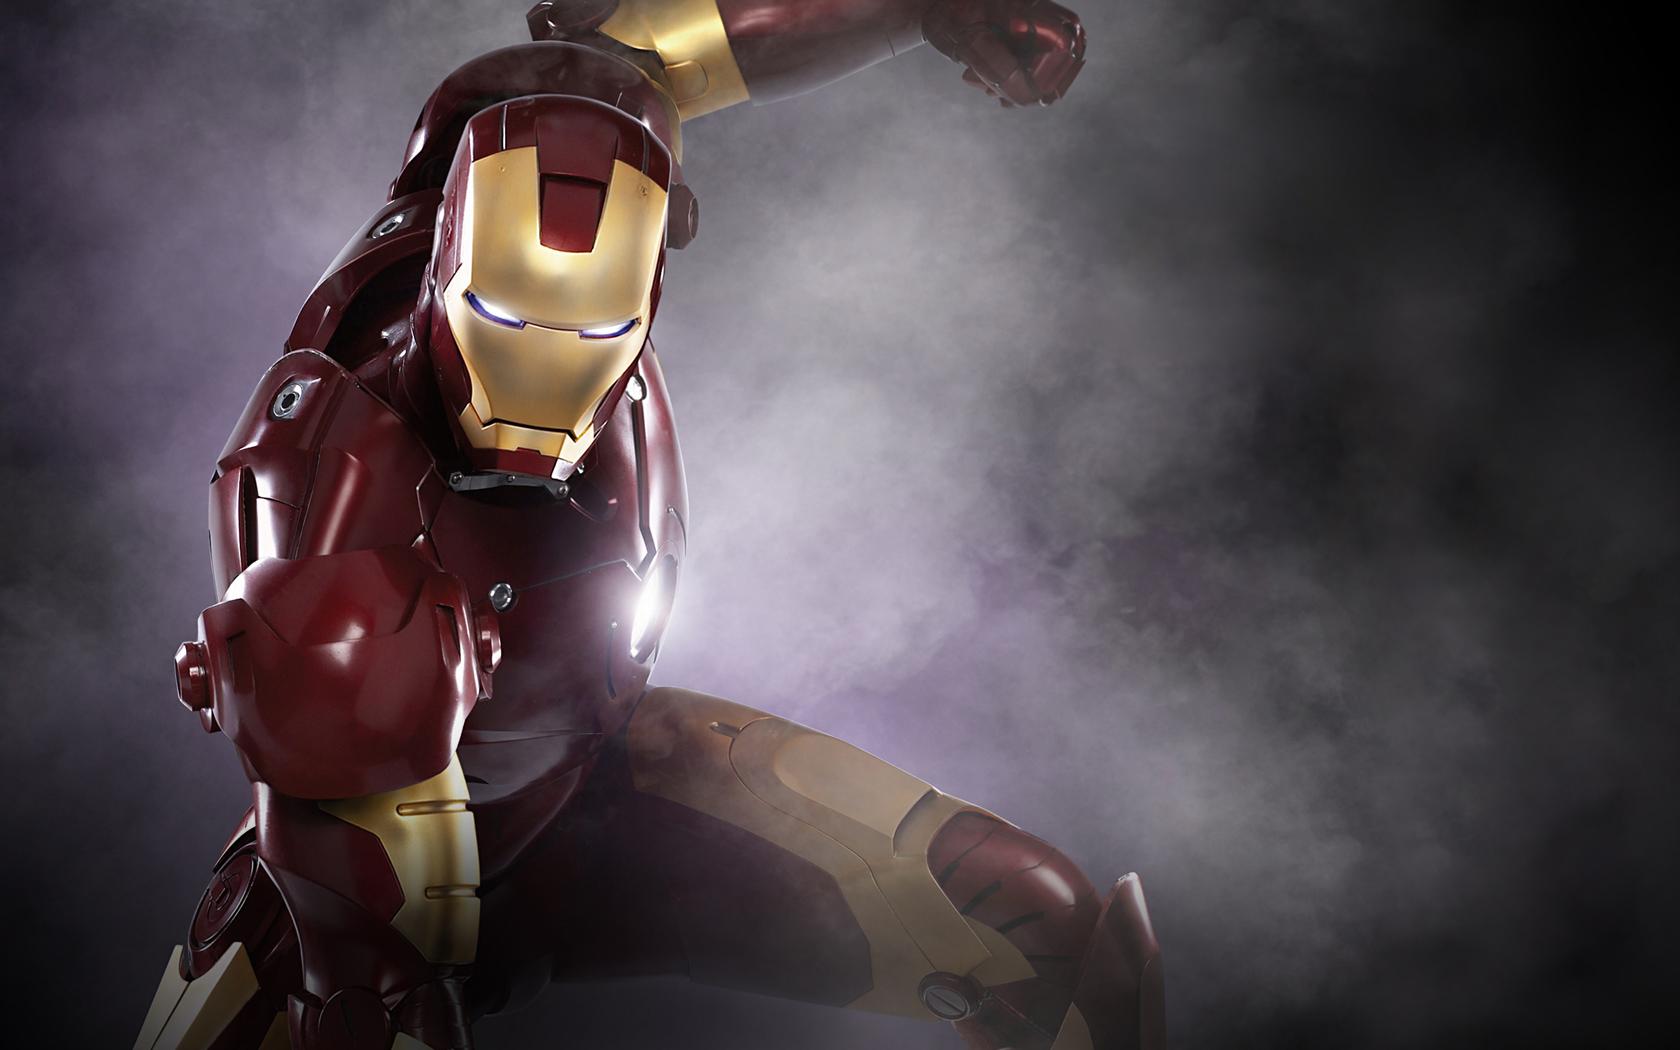 iron man wallpaper war